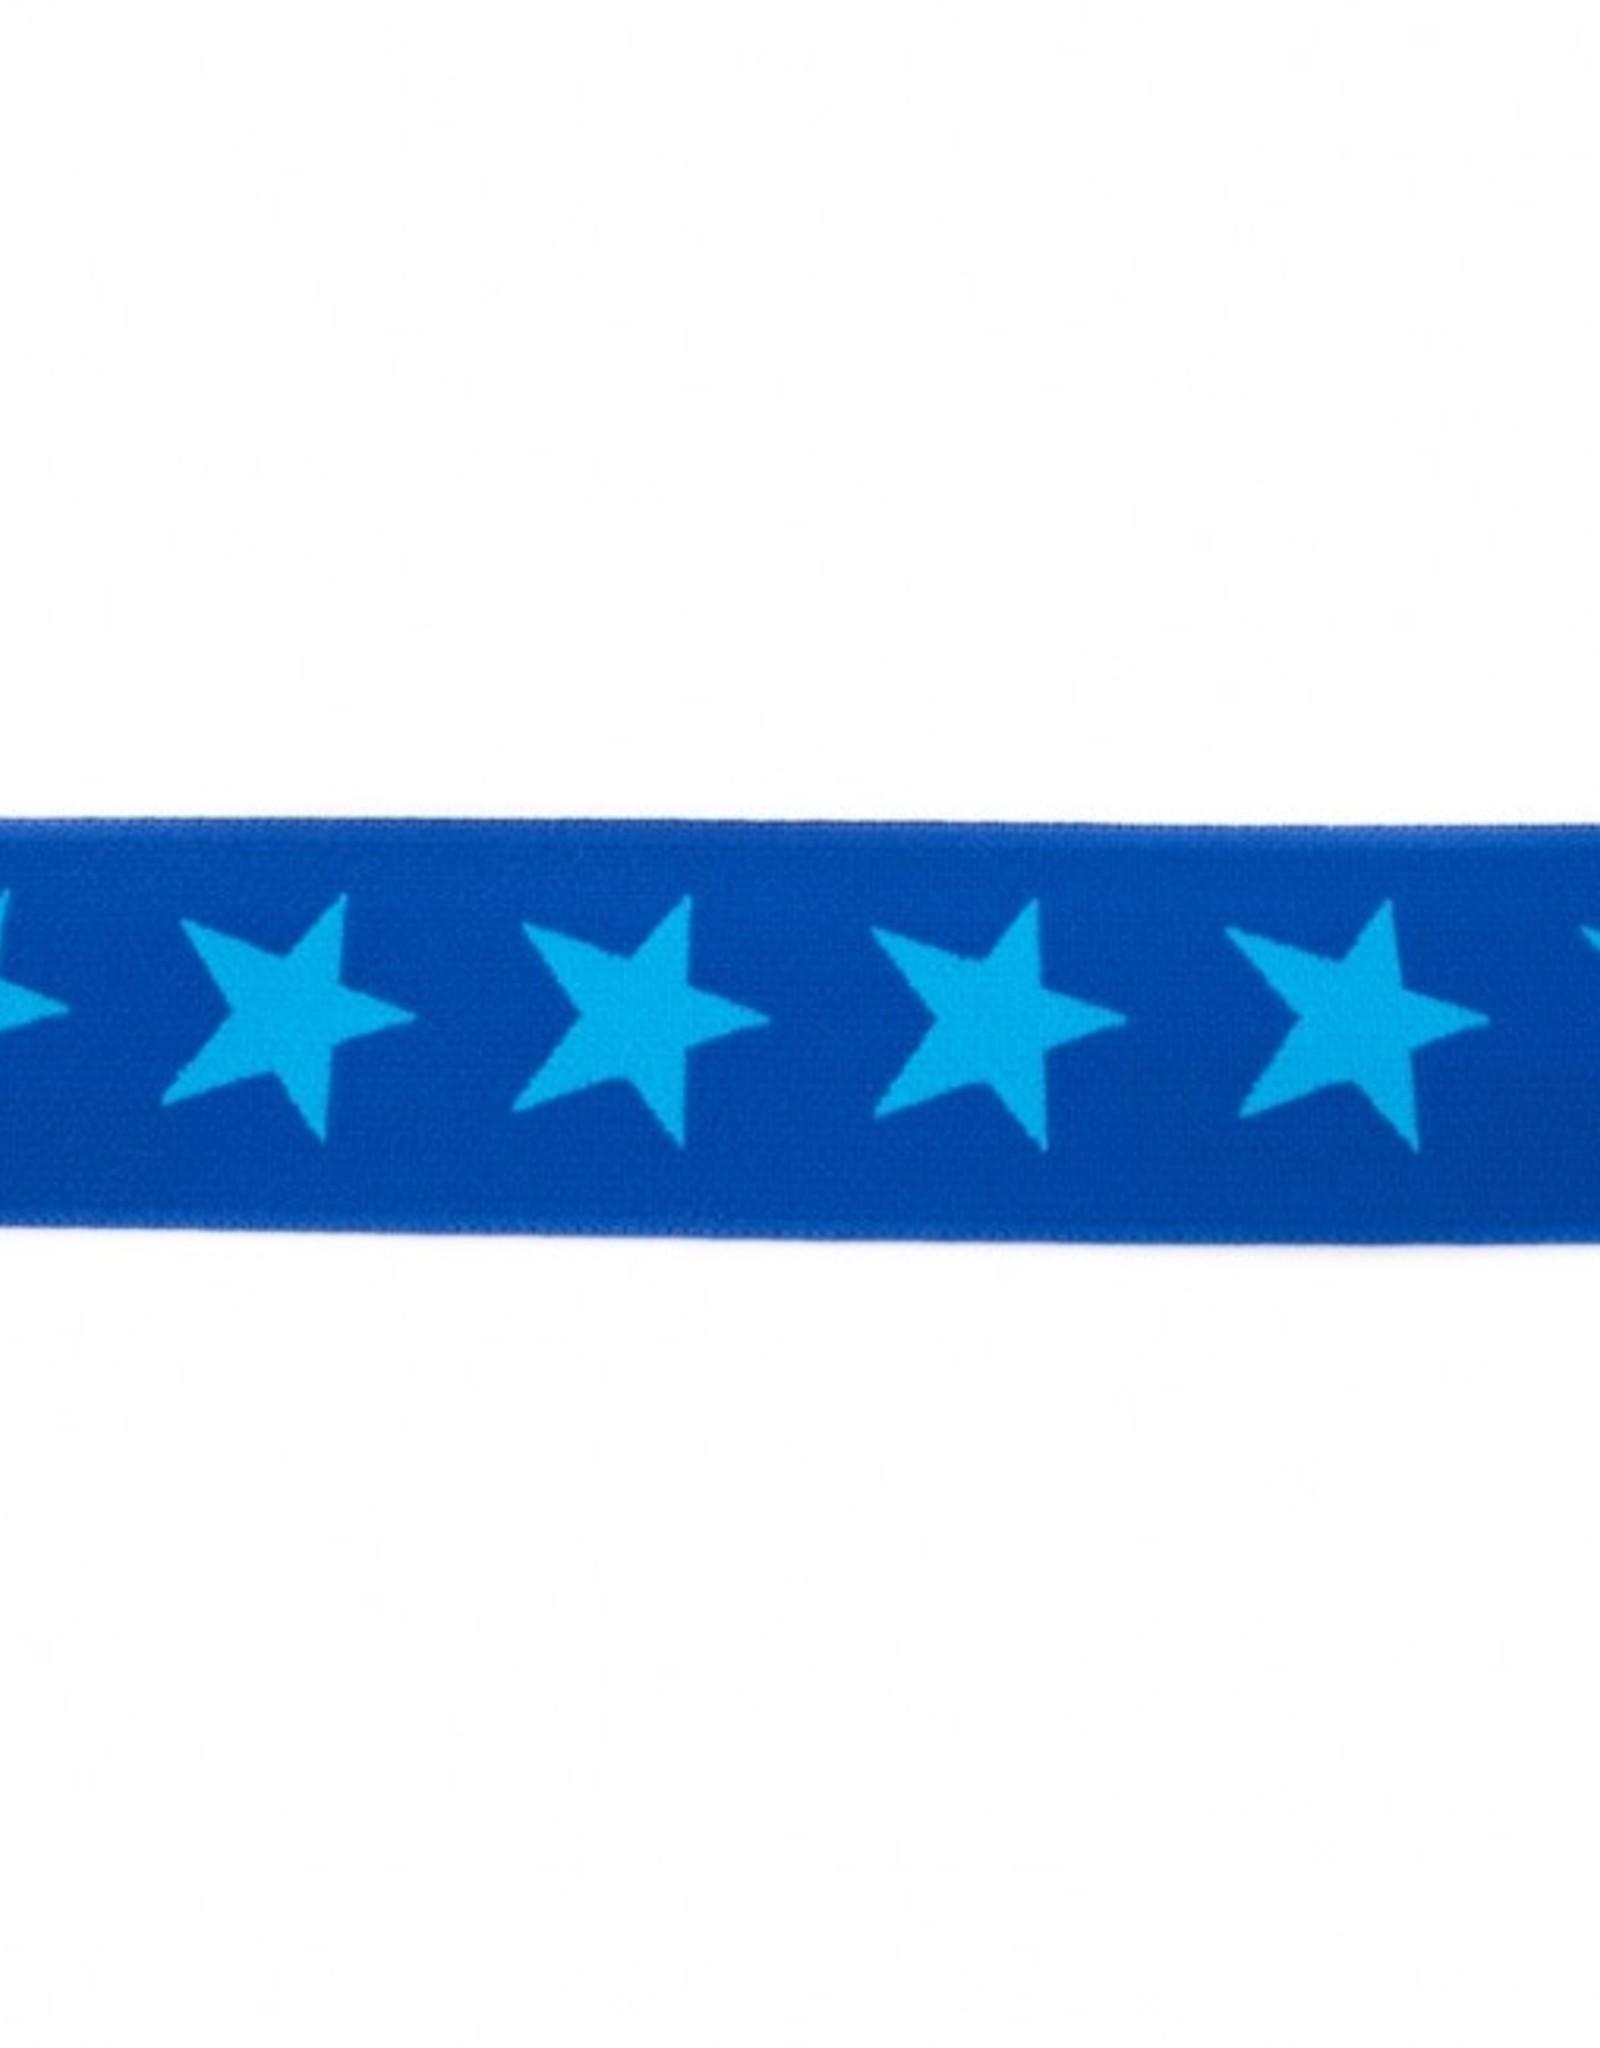 Elastiek sterren 2-kleurig dubbelzijdig kobalt-aqua 40mm